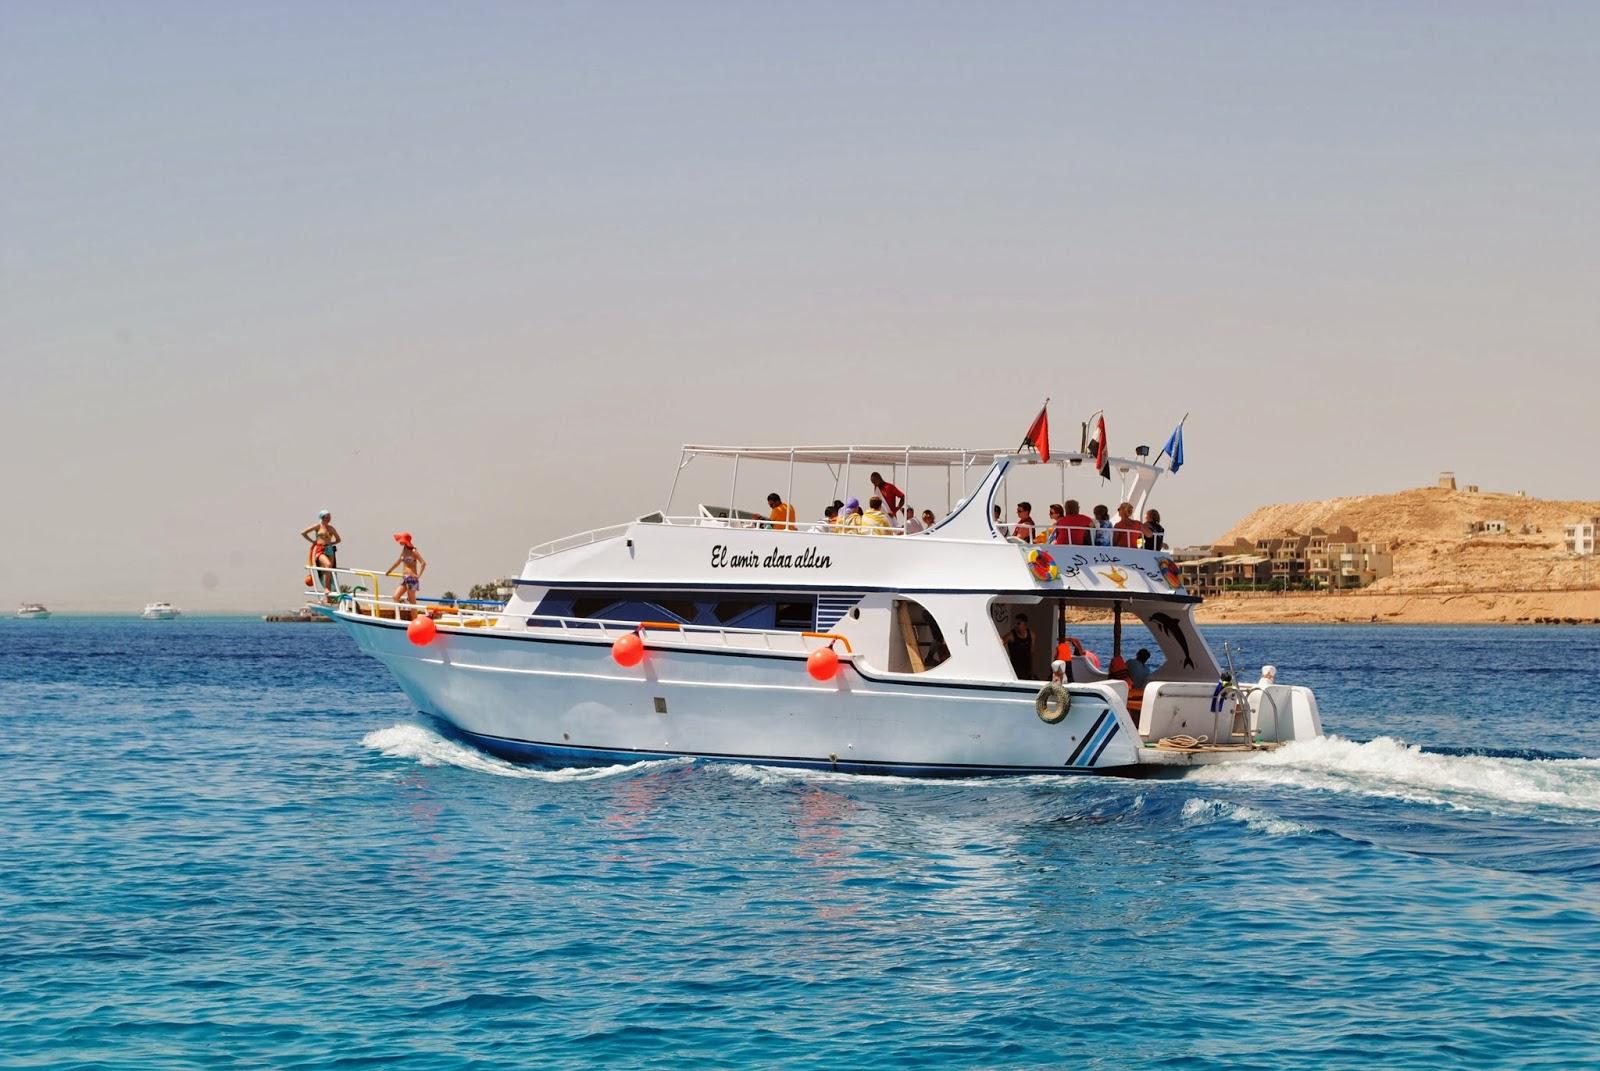 رحلة جزيرة الجفتون - رحلات الغردقة